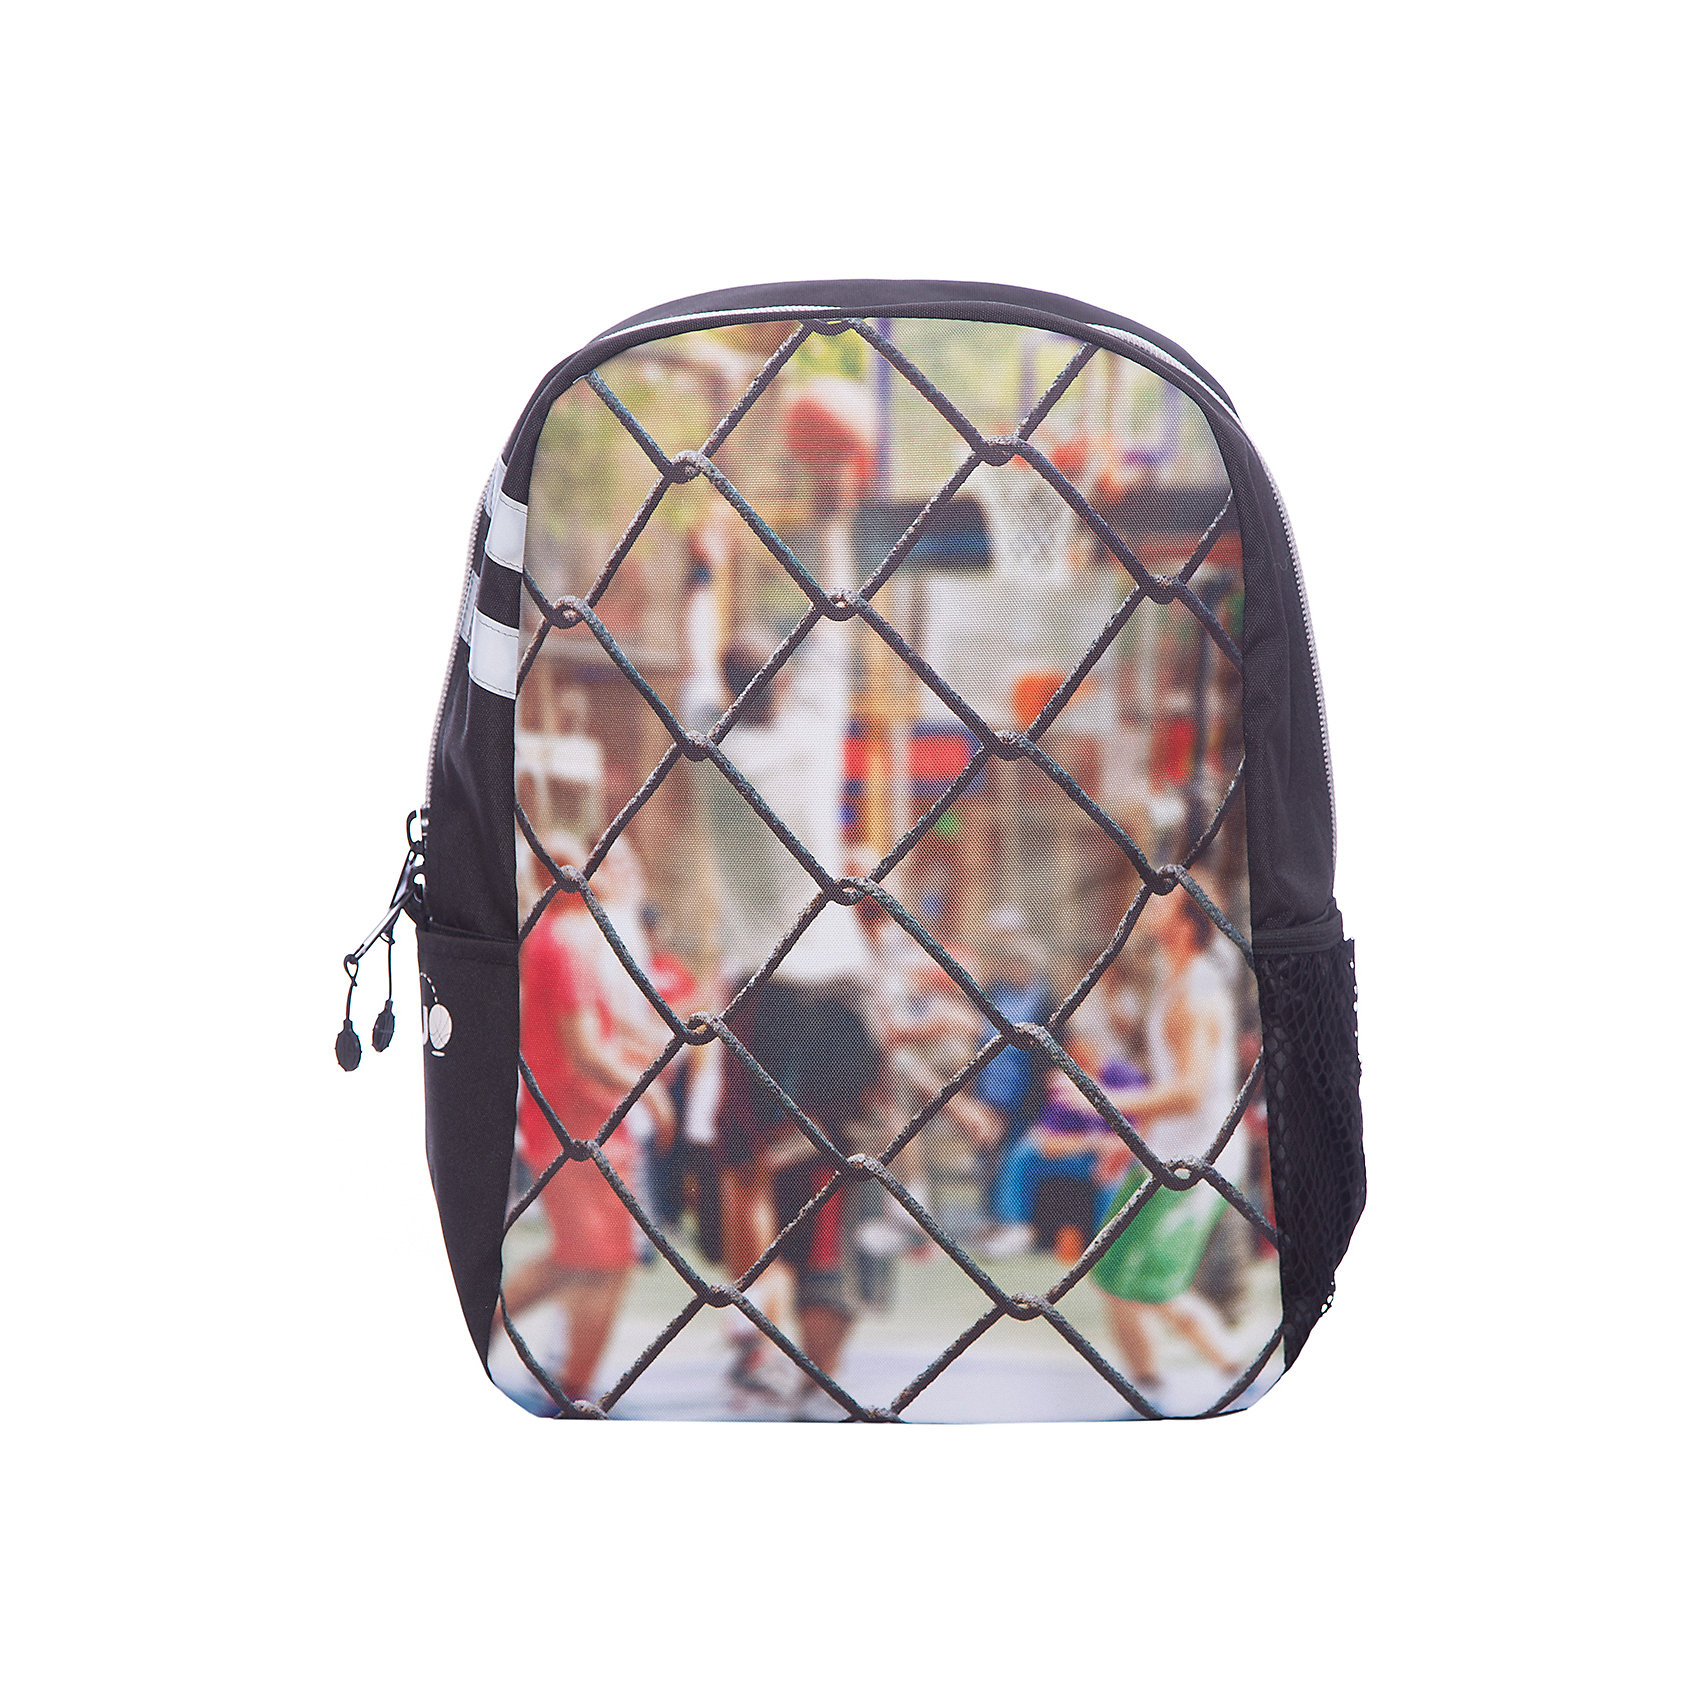 Рюкзак Sport Сетка, цвет мультиРюкзаки<br>Характеристики товара:<br><br>• цвет: мульти;<br>• возраст: от 10 лет;<br>• вес: 0,5 кг;<br>• размер: 43х30х16 см;<br>• рюкзак выполнен из водоотталкивающей ткани;<br>• внутри два отделения;<br>• отсек для планшета;<br>• прочная текстильная ручка;<br>• ремни, спинка и дно рюкзака сделаны из уплотненной ткани;<br>• мягкие регулируемые лямки;<br>• материал: полиэстер;<br>• страна бренда: США;<br>• страна изготовитель: Китай.<br><br>Стильный рюкзак превосходно подойдёт для активного подростка от 10 до 16 лет. Модель имеет динамичный дизайн и украшена ярким принтом с изображением сетки и игроков за ней. <br><br>Внутри предусмотрен уплотнённый отсек для планшета, ремни, спинка и дно рюкзака также уплотнены. Текстиль имеет водоотталкивающий слой. Светится в ультрафиолете.<br><br>Рюкзак Mojo Pax «Sport Сетка» можно купить в нашем интернет-магазине.<br><br>Ширина мм: 430<br>Глубина мм: 300<br>Высота мм: 160<br>Вес г: 500<br>Возраст от месяцев: 120<br>Возраст до месяцев: 720<br>Пол: Унисекс<br>Возраст: Детский<br>SKU: 7054144